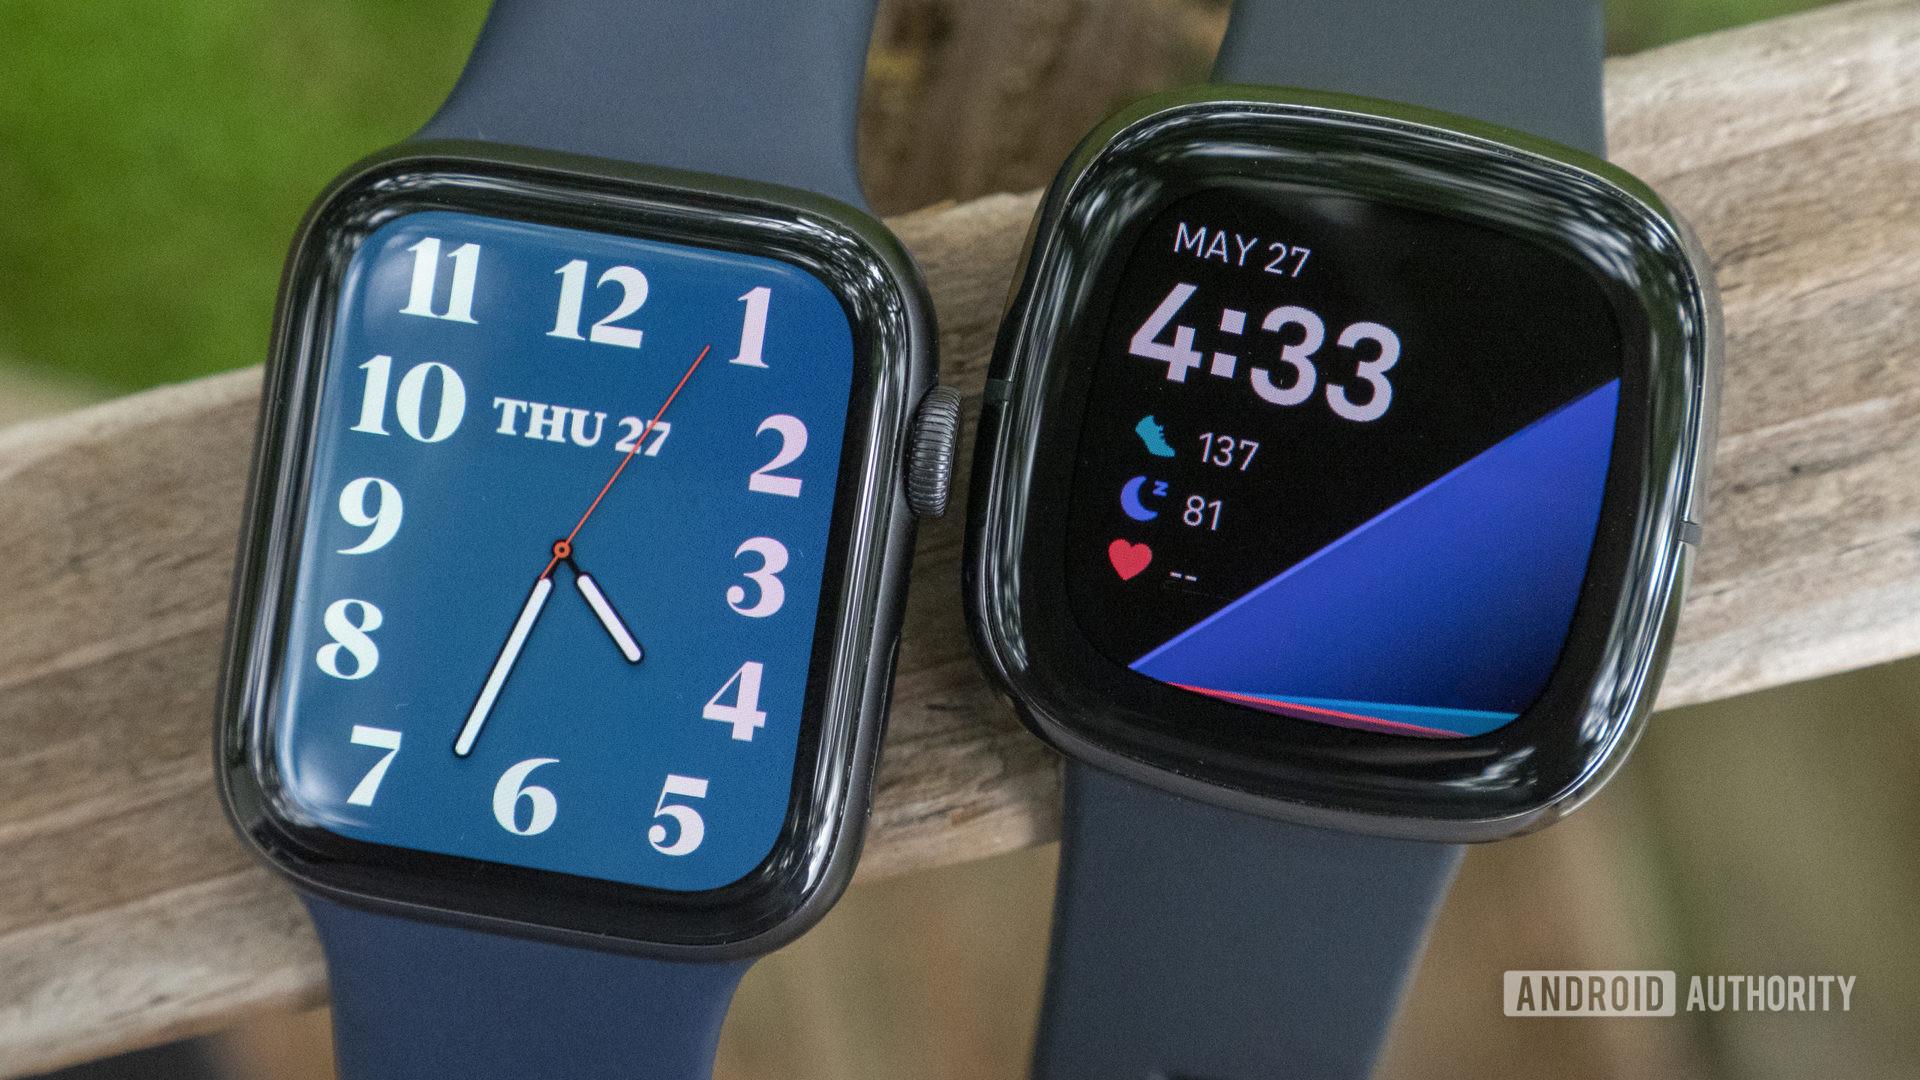 Fitbit Sense vs Apple Watch Series 6 watch faces displays 2